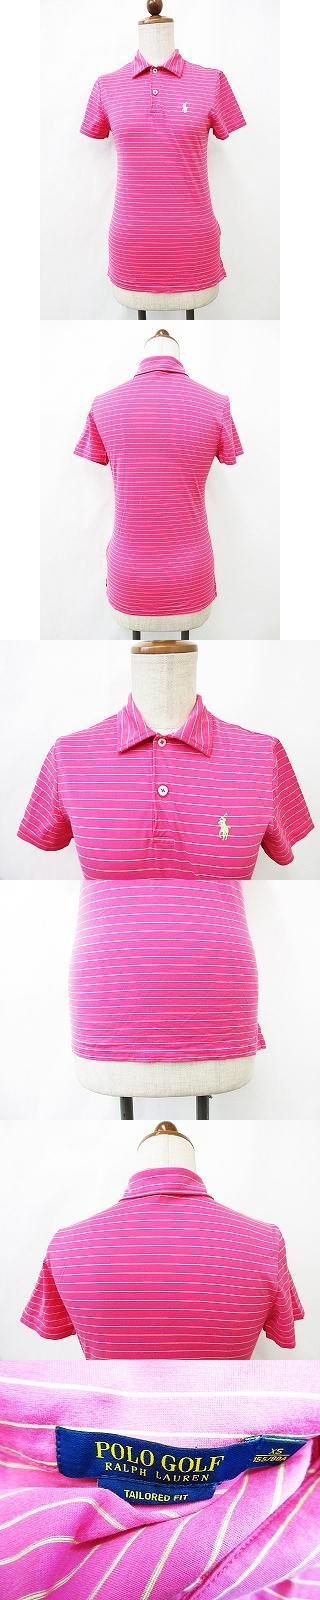 ゴルフウエア ポロシャツ 半袖 ロゴ 刺繍 ボーダー 綿 ピンク グリーン XS